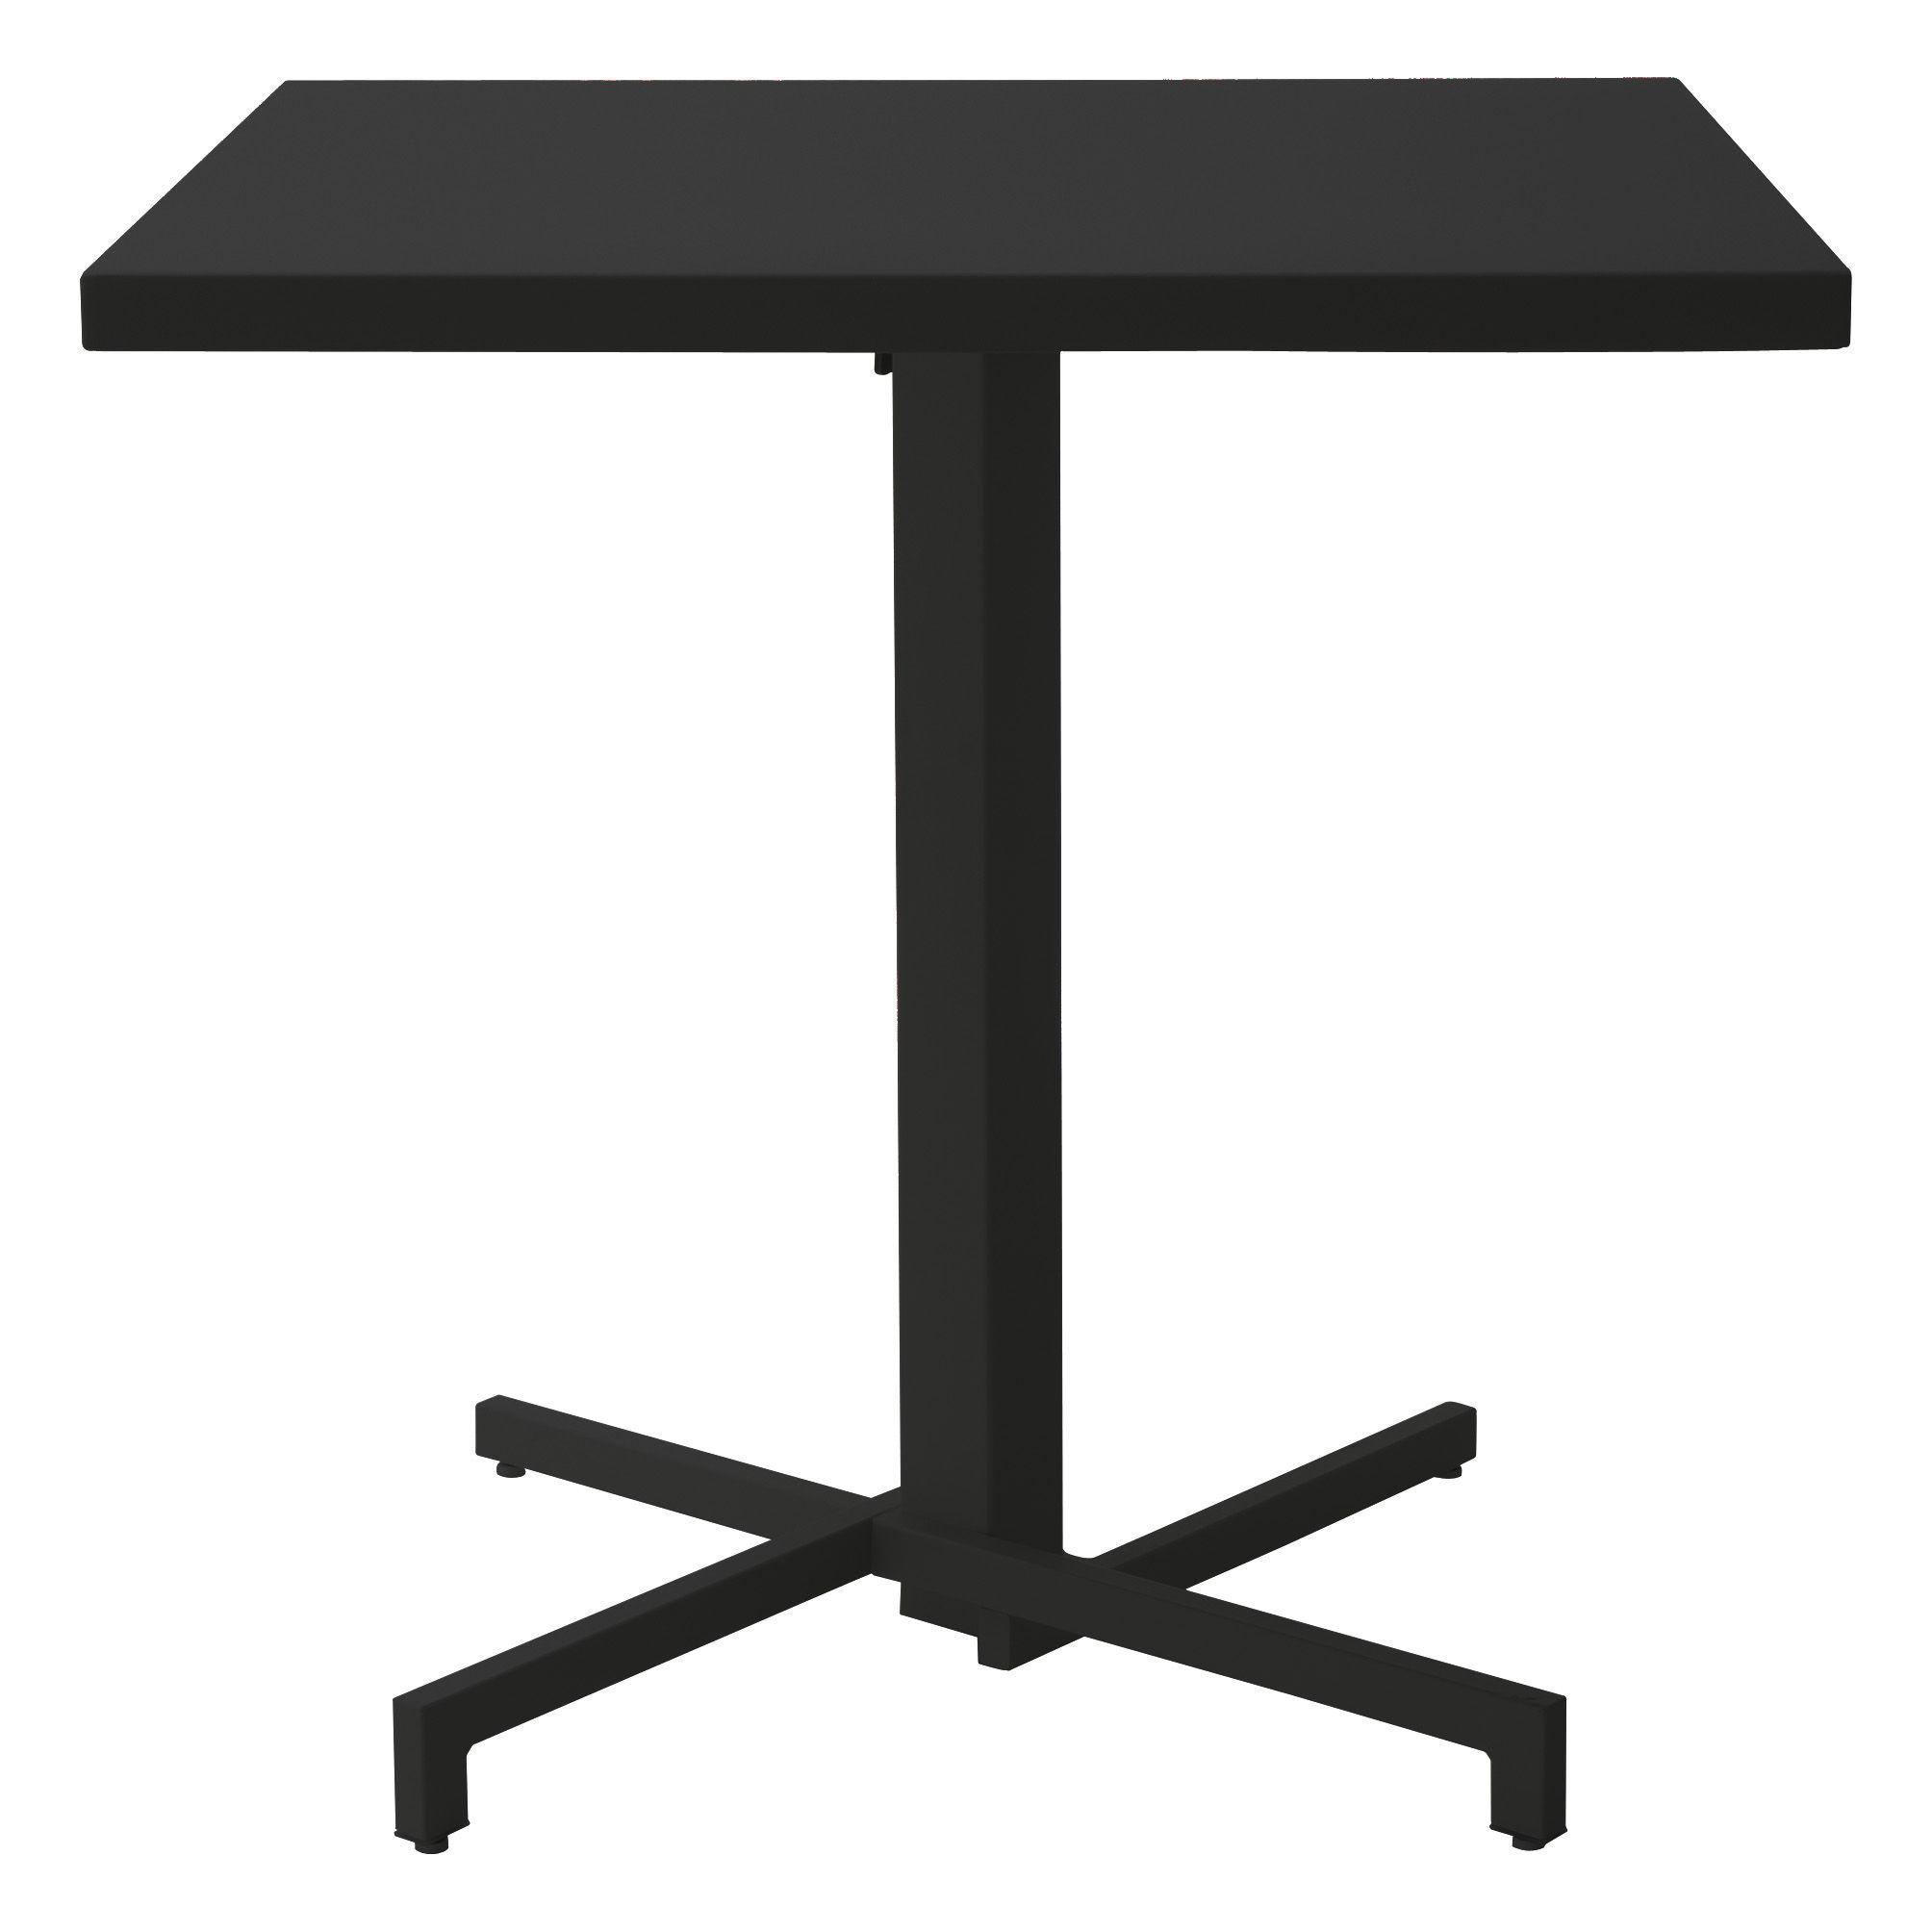 Table pliante mia 75 x 75 cm noir emu for Table pliante design